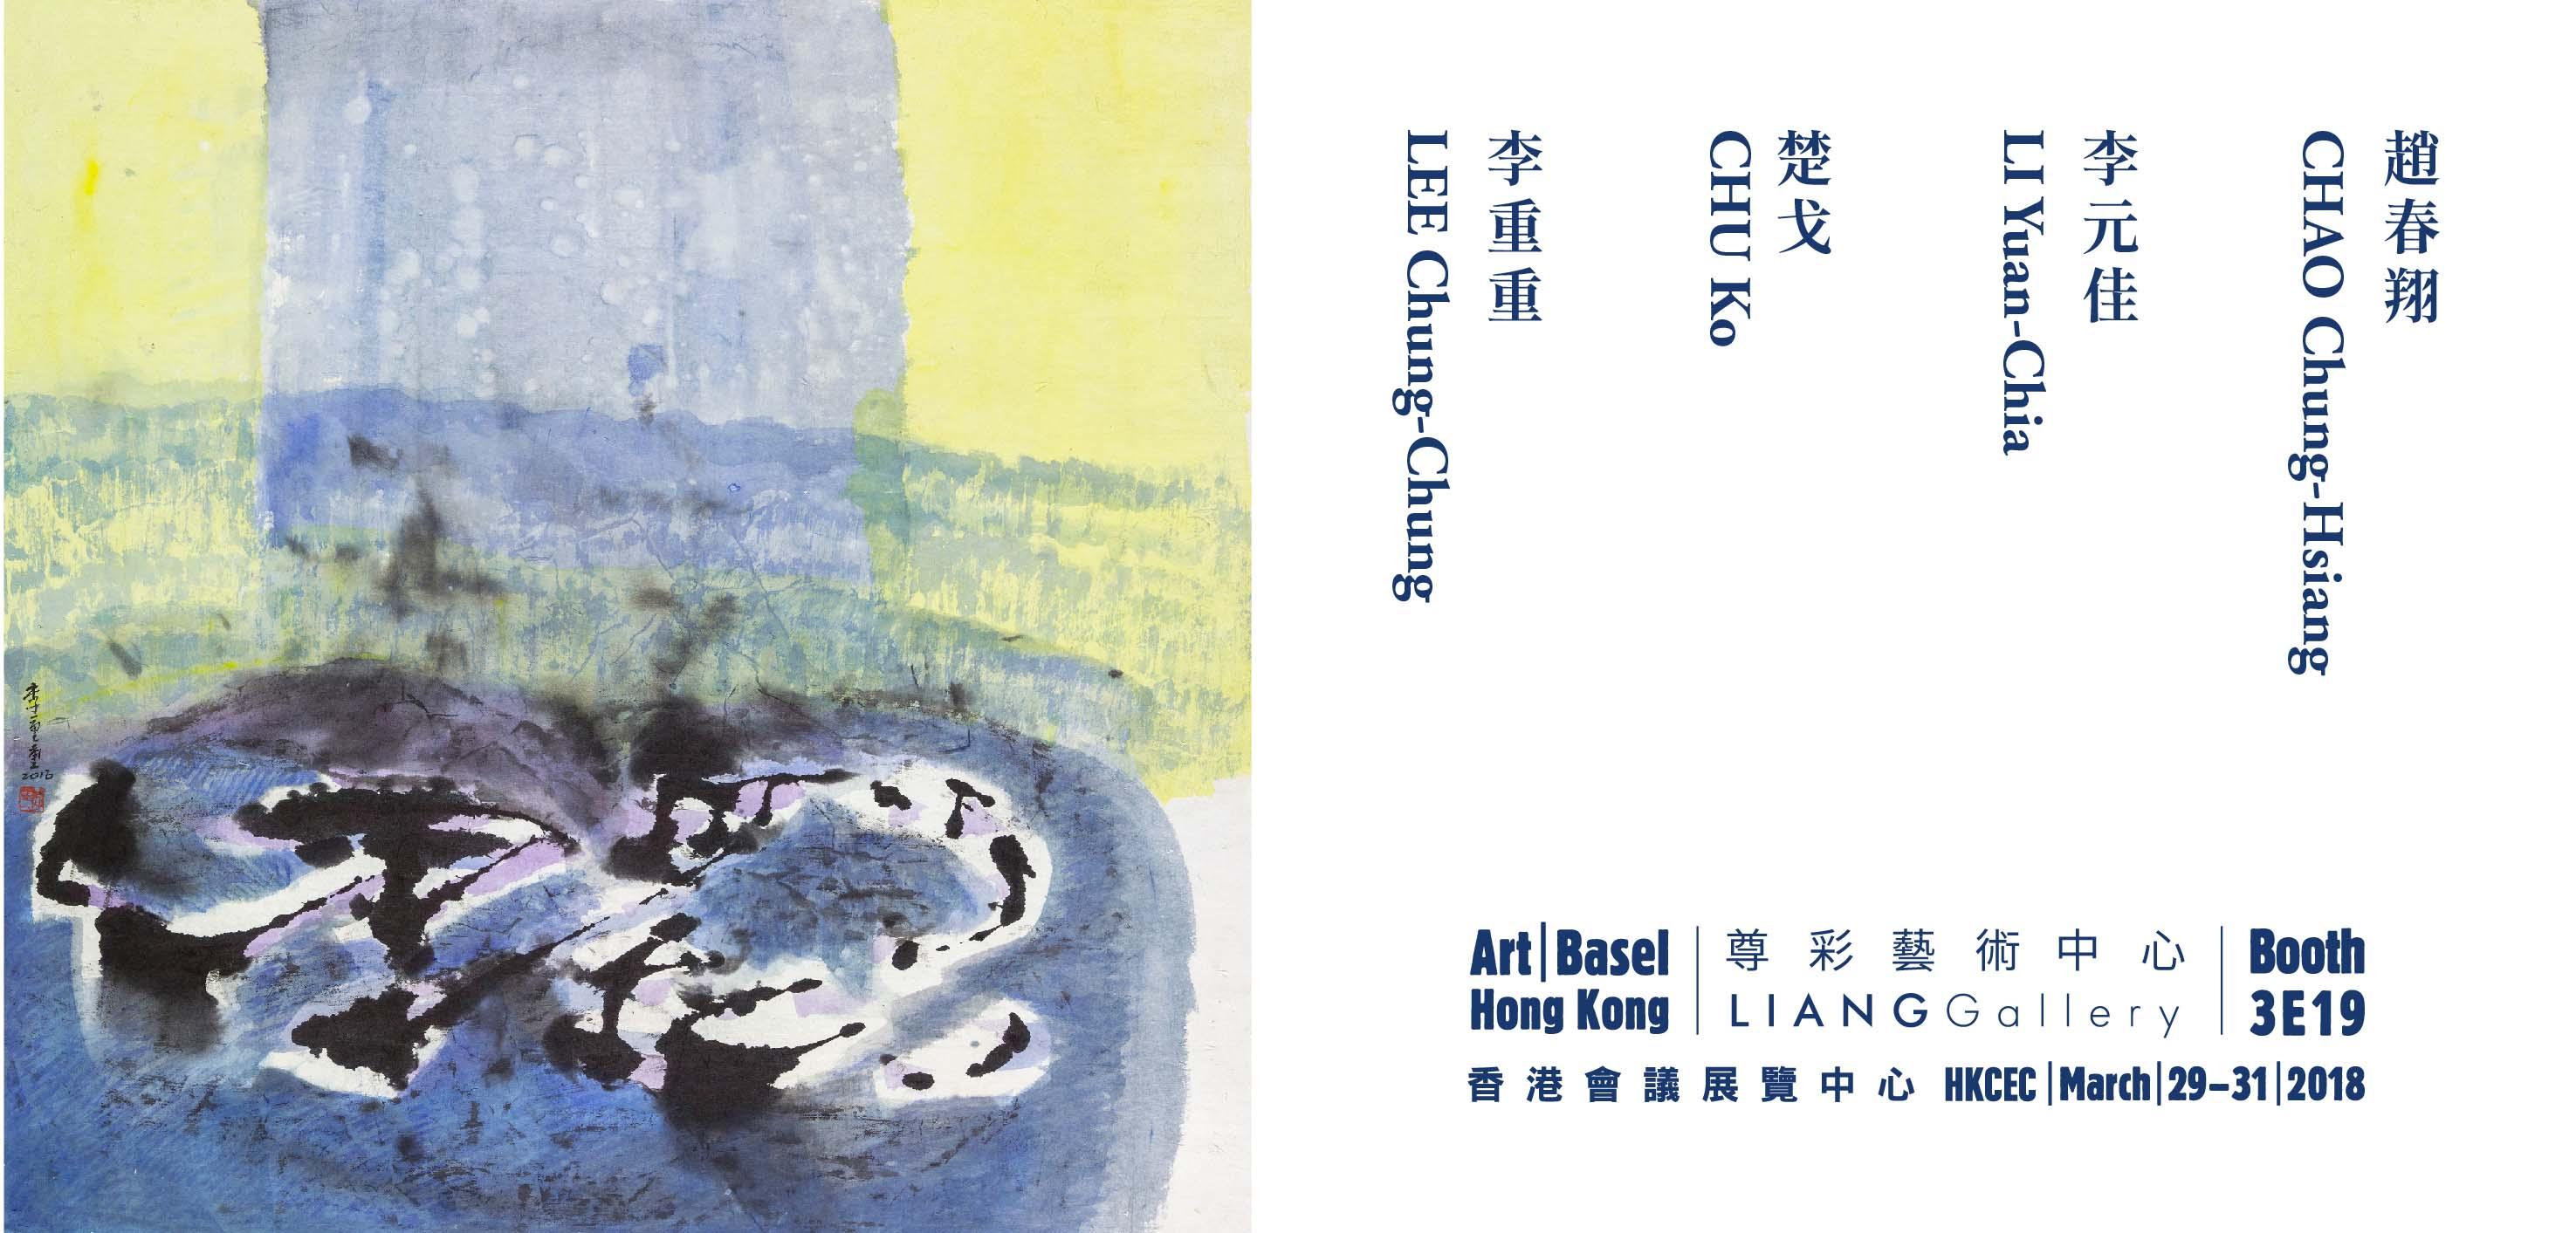 2018 香港巴塞爾藝術展 — 藝廊薈萃